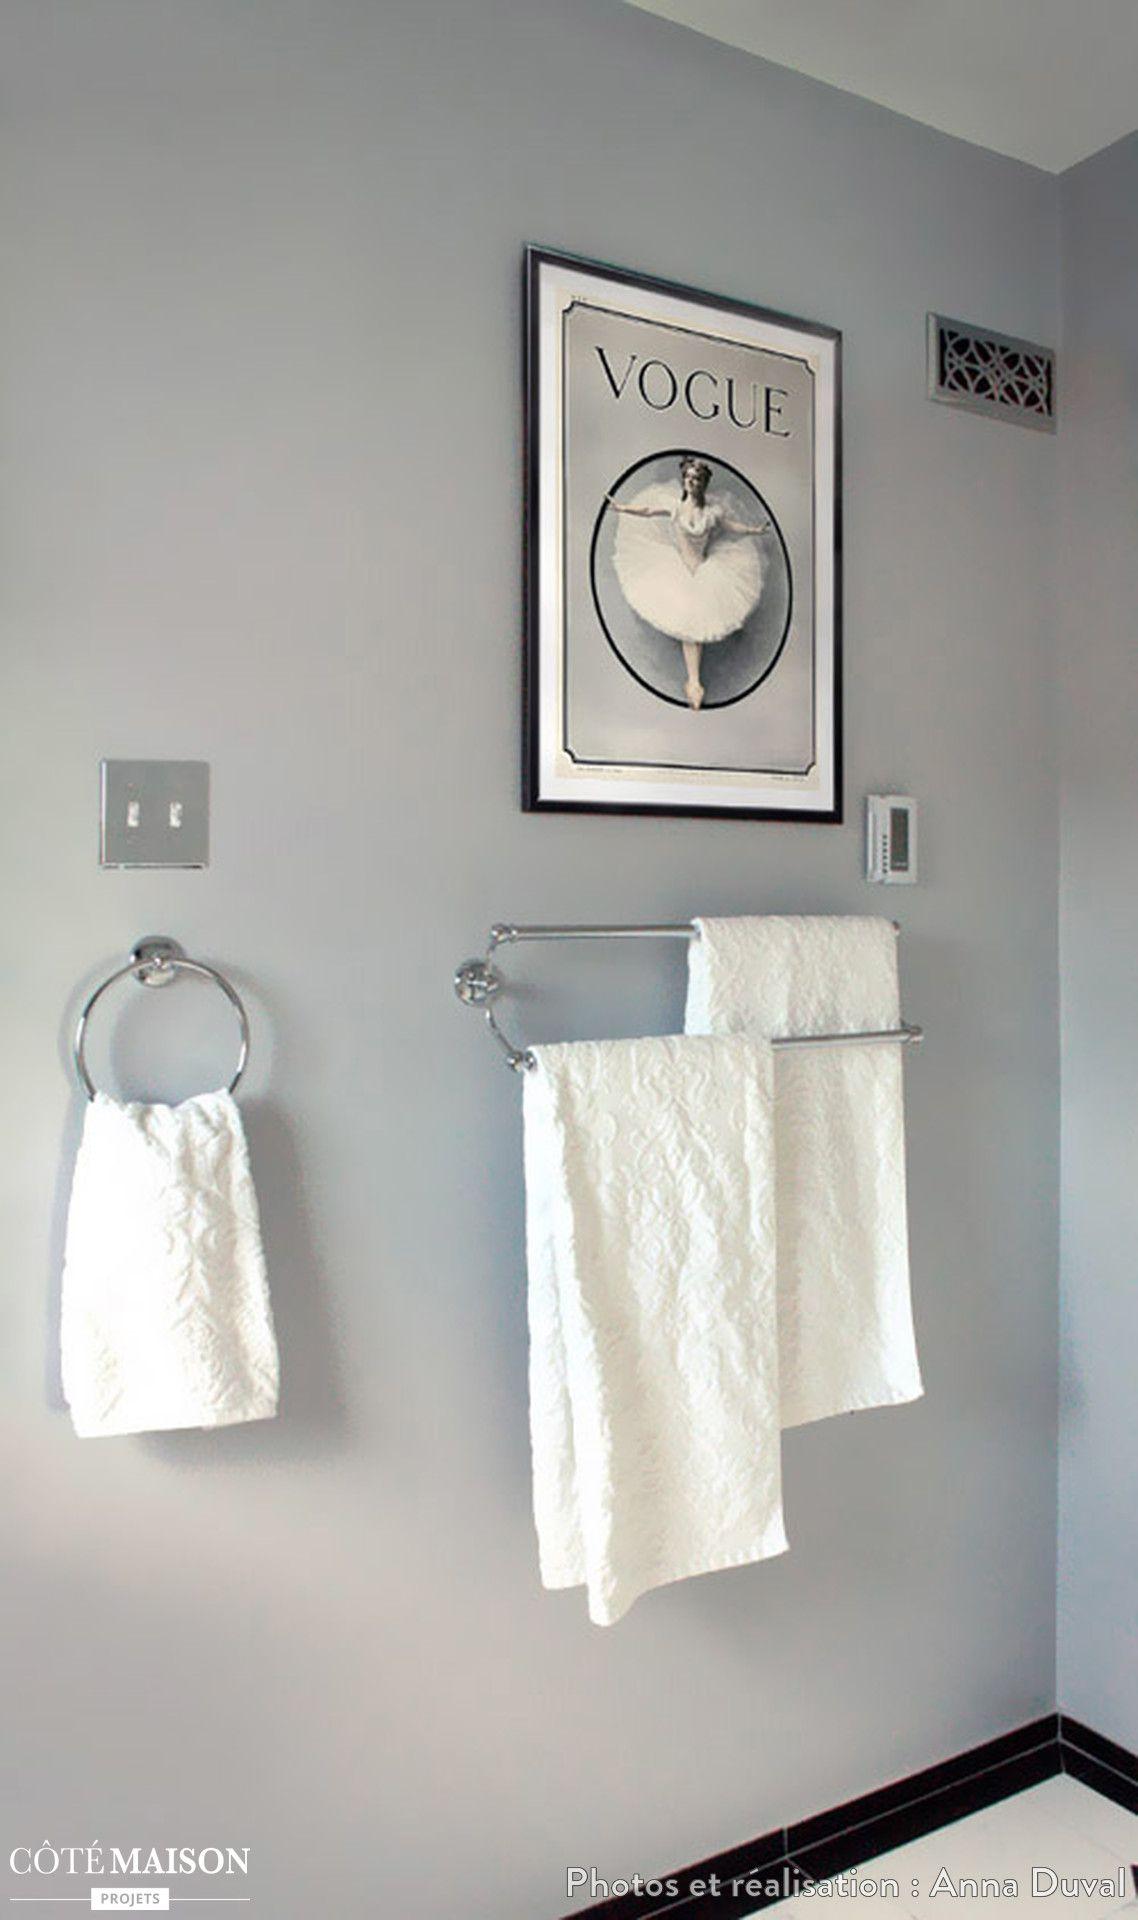 des porte serviettes gris m talliques accompagn s d 39 un petit tableau d coratif au dessus. Black Bedroom Furniture Sets. Home Design Ideas